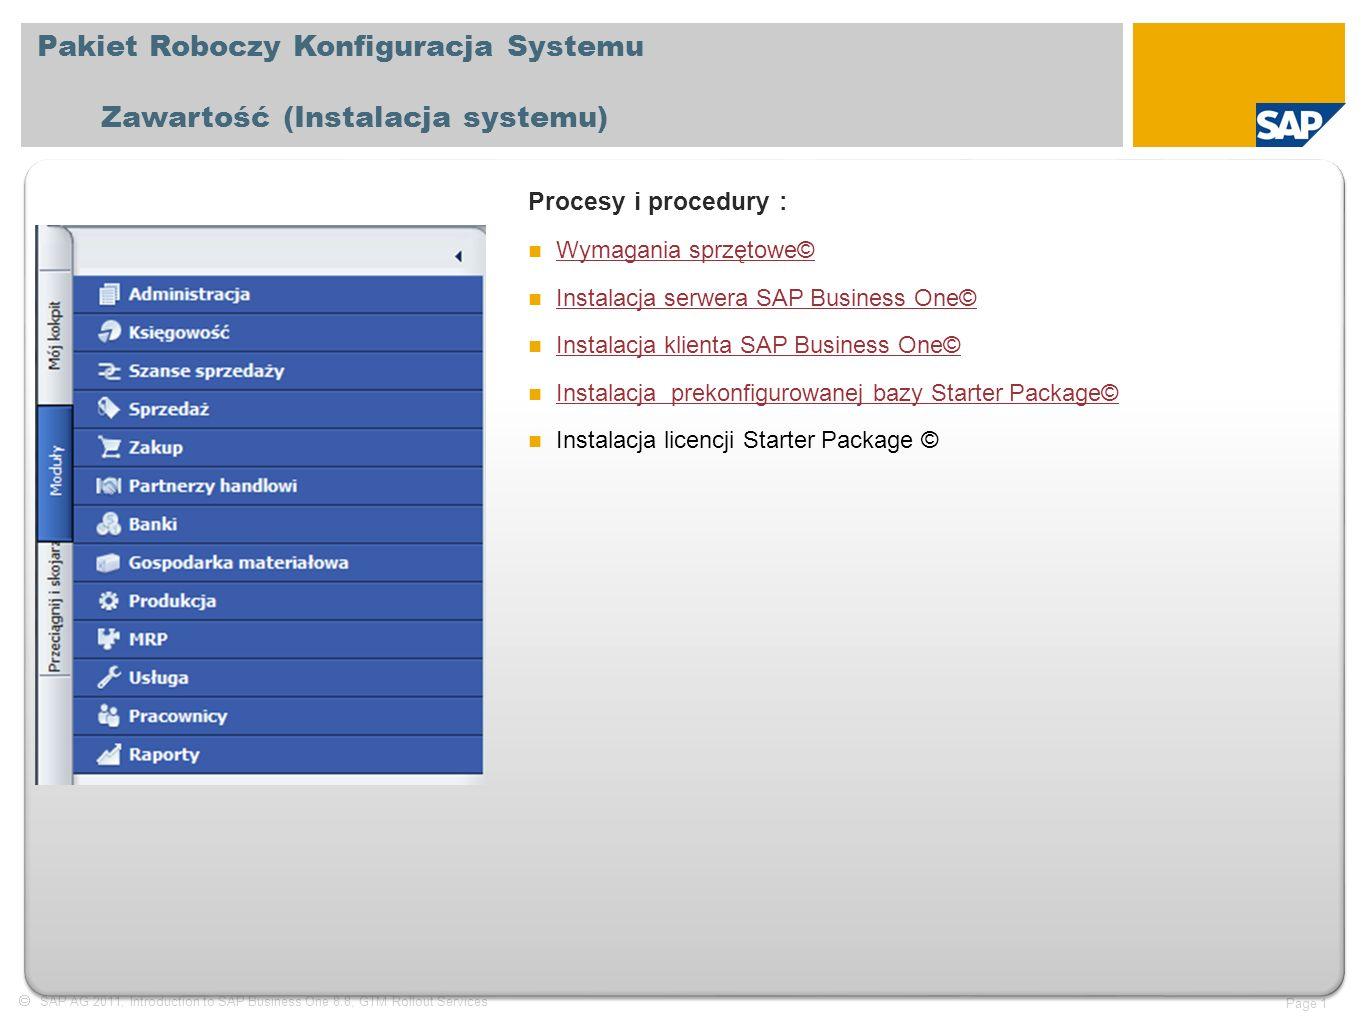  SAP AG 2011, Introduction to SAP Business One 8.8, GTM Rollout Services Page 2 Pakiet Roboczy Konfiguracja Systemu Zawartość (Administracja) Procesy i procedury: Szczegóły firmy – Ogólne (o) Szczegóły firmy – Ogólne (o) Szczegóły firmy – Dane księgowe © Szczegóły firmy – Dane księgowe © Szczegóły firmy – Wstępna inicjalizacja © Szczegóły firmy – Wstępna inicjalizacja © Kursy wymiany walut(o) Kursy wymiany walut(o) Ustawienia ogólne – Partnerzy Biznesowi© Ustawienia ogólne – Partnerzy Biznesowi© Ustawienia ogólne – Procedury startowe © Ustawienia ogólne – Procedury startowe © Ustawienia ogólne – Parametry wyświetlania (o) Ustawienia ogólne – Parametry wyświetlania (o) Ustawienia ogólne – Czcionki i Tło (o) Ustawienia ogólne – Czcionki i Tło (o) Ustawienia ogólne – Ścieżki © Ustawienia ogólne – Ścieżki © Ustawienia ogólne – Gospodarka materiałowa © Ustawienia ogólne – Gospodarka materiałowa © Ustawienia dokumentu –– Ogólne© Ustawienia dokumentu –– Ogólne© Ustawienia dokumentu– Wg typu dokumentów© Ustawienia dokumentu– Wg typu dokumentów© Numeracja dokumentów© Numeracja dokumentów©